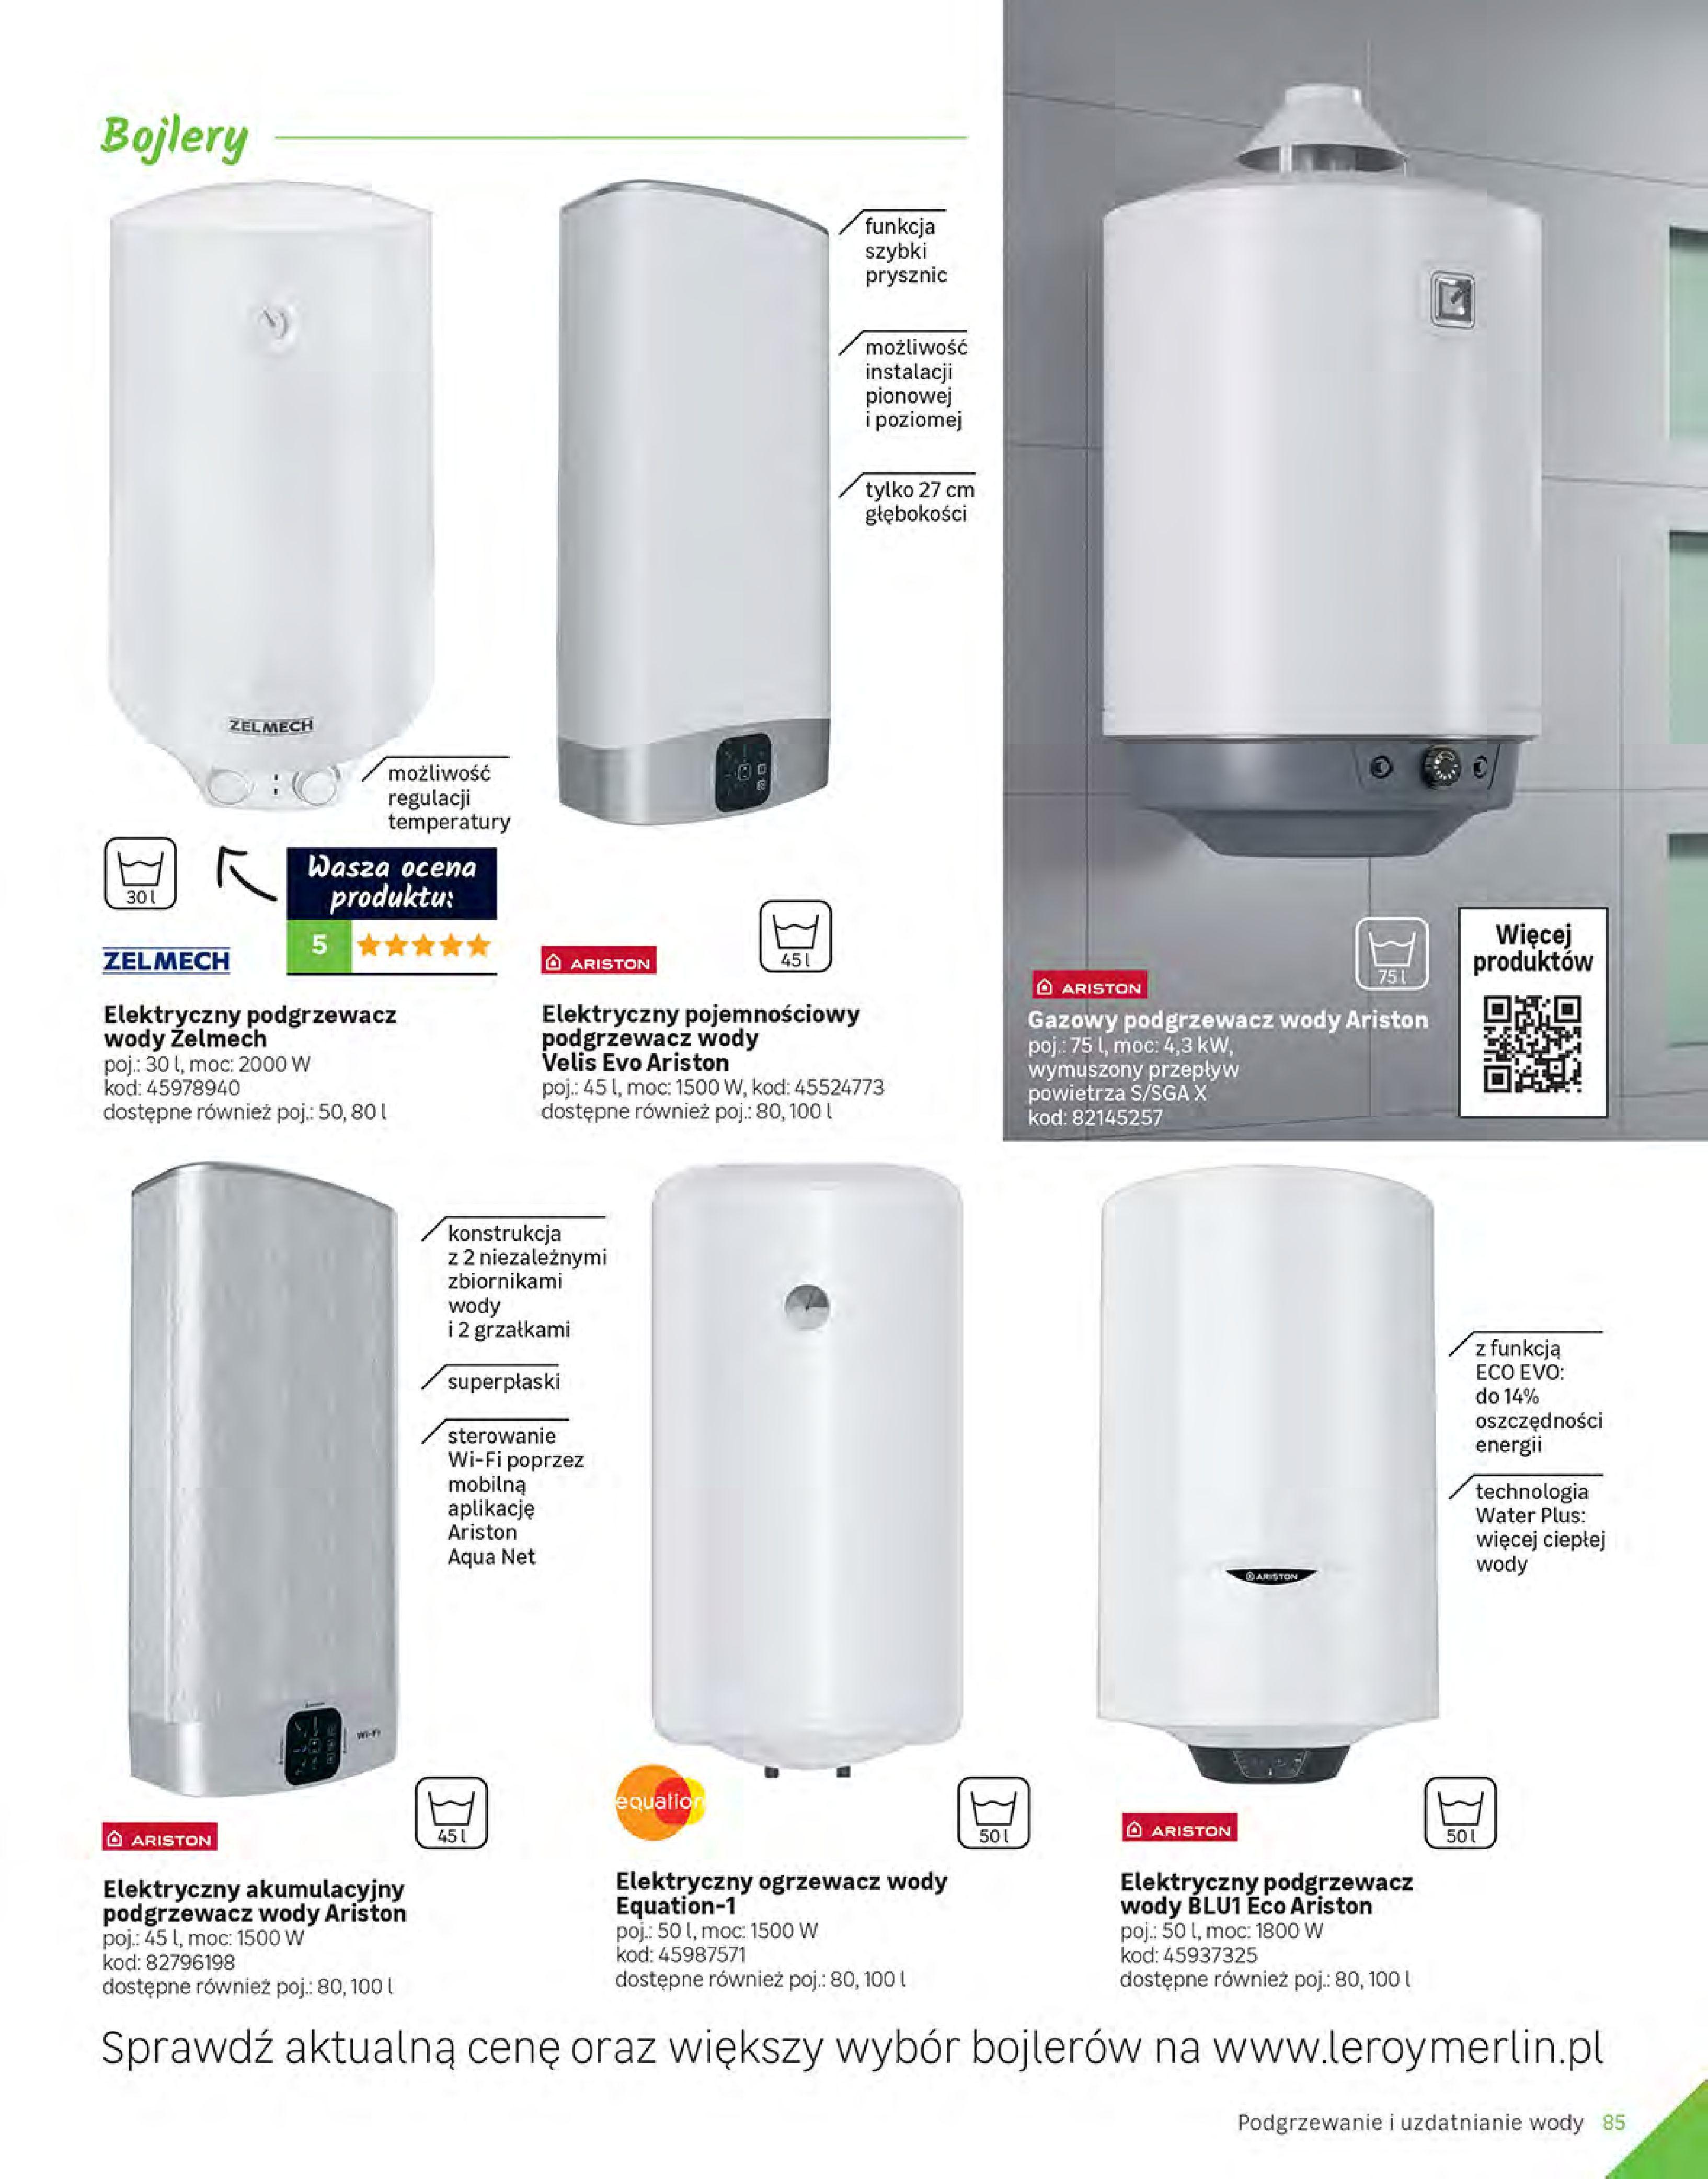 Gazetka Leroy Merlin: Gazetka Leroy Merlin - Katalog Projekty 2021-06-01 page-85